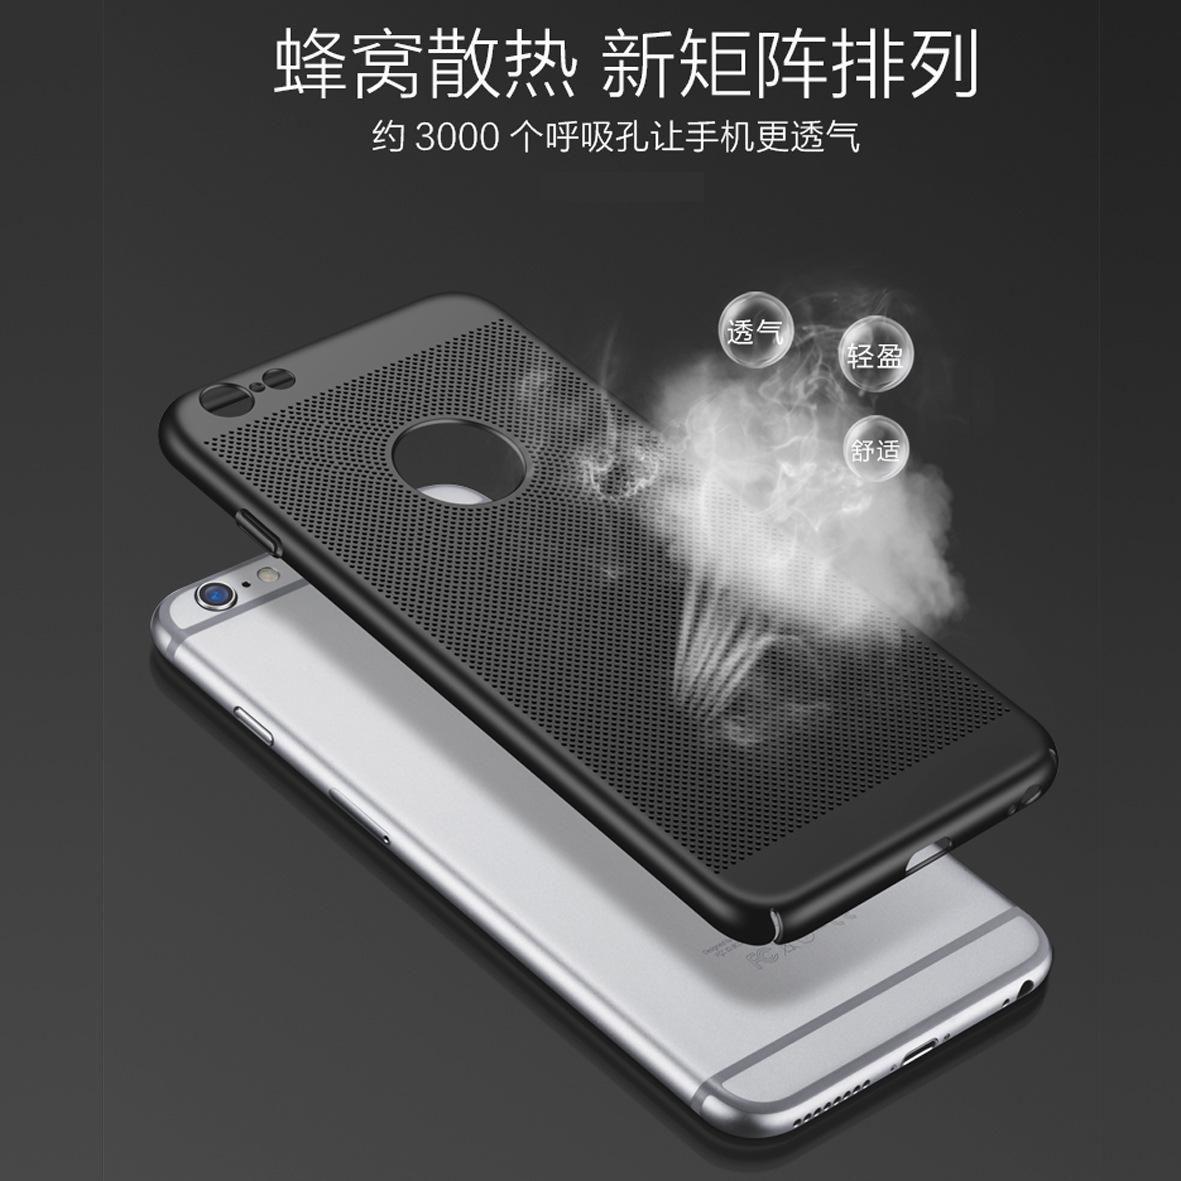 BANLING Ốp lưng Iphone 6 IPhone6s áp dụng Điện thoại làm mát Vỏ điện thoại Apple XSmax 7plus xr Nhiê